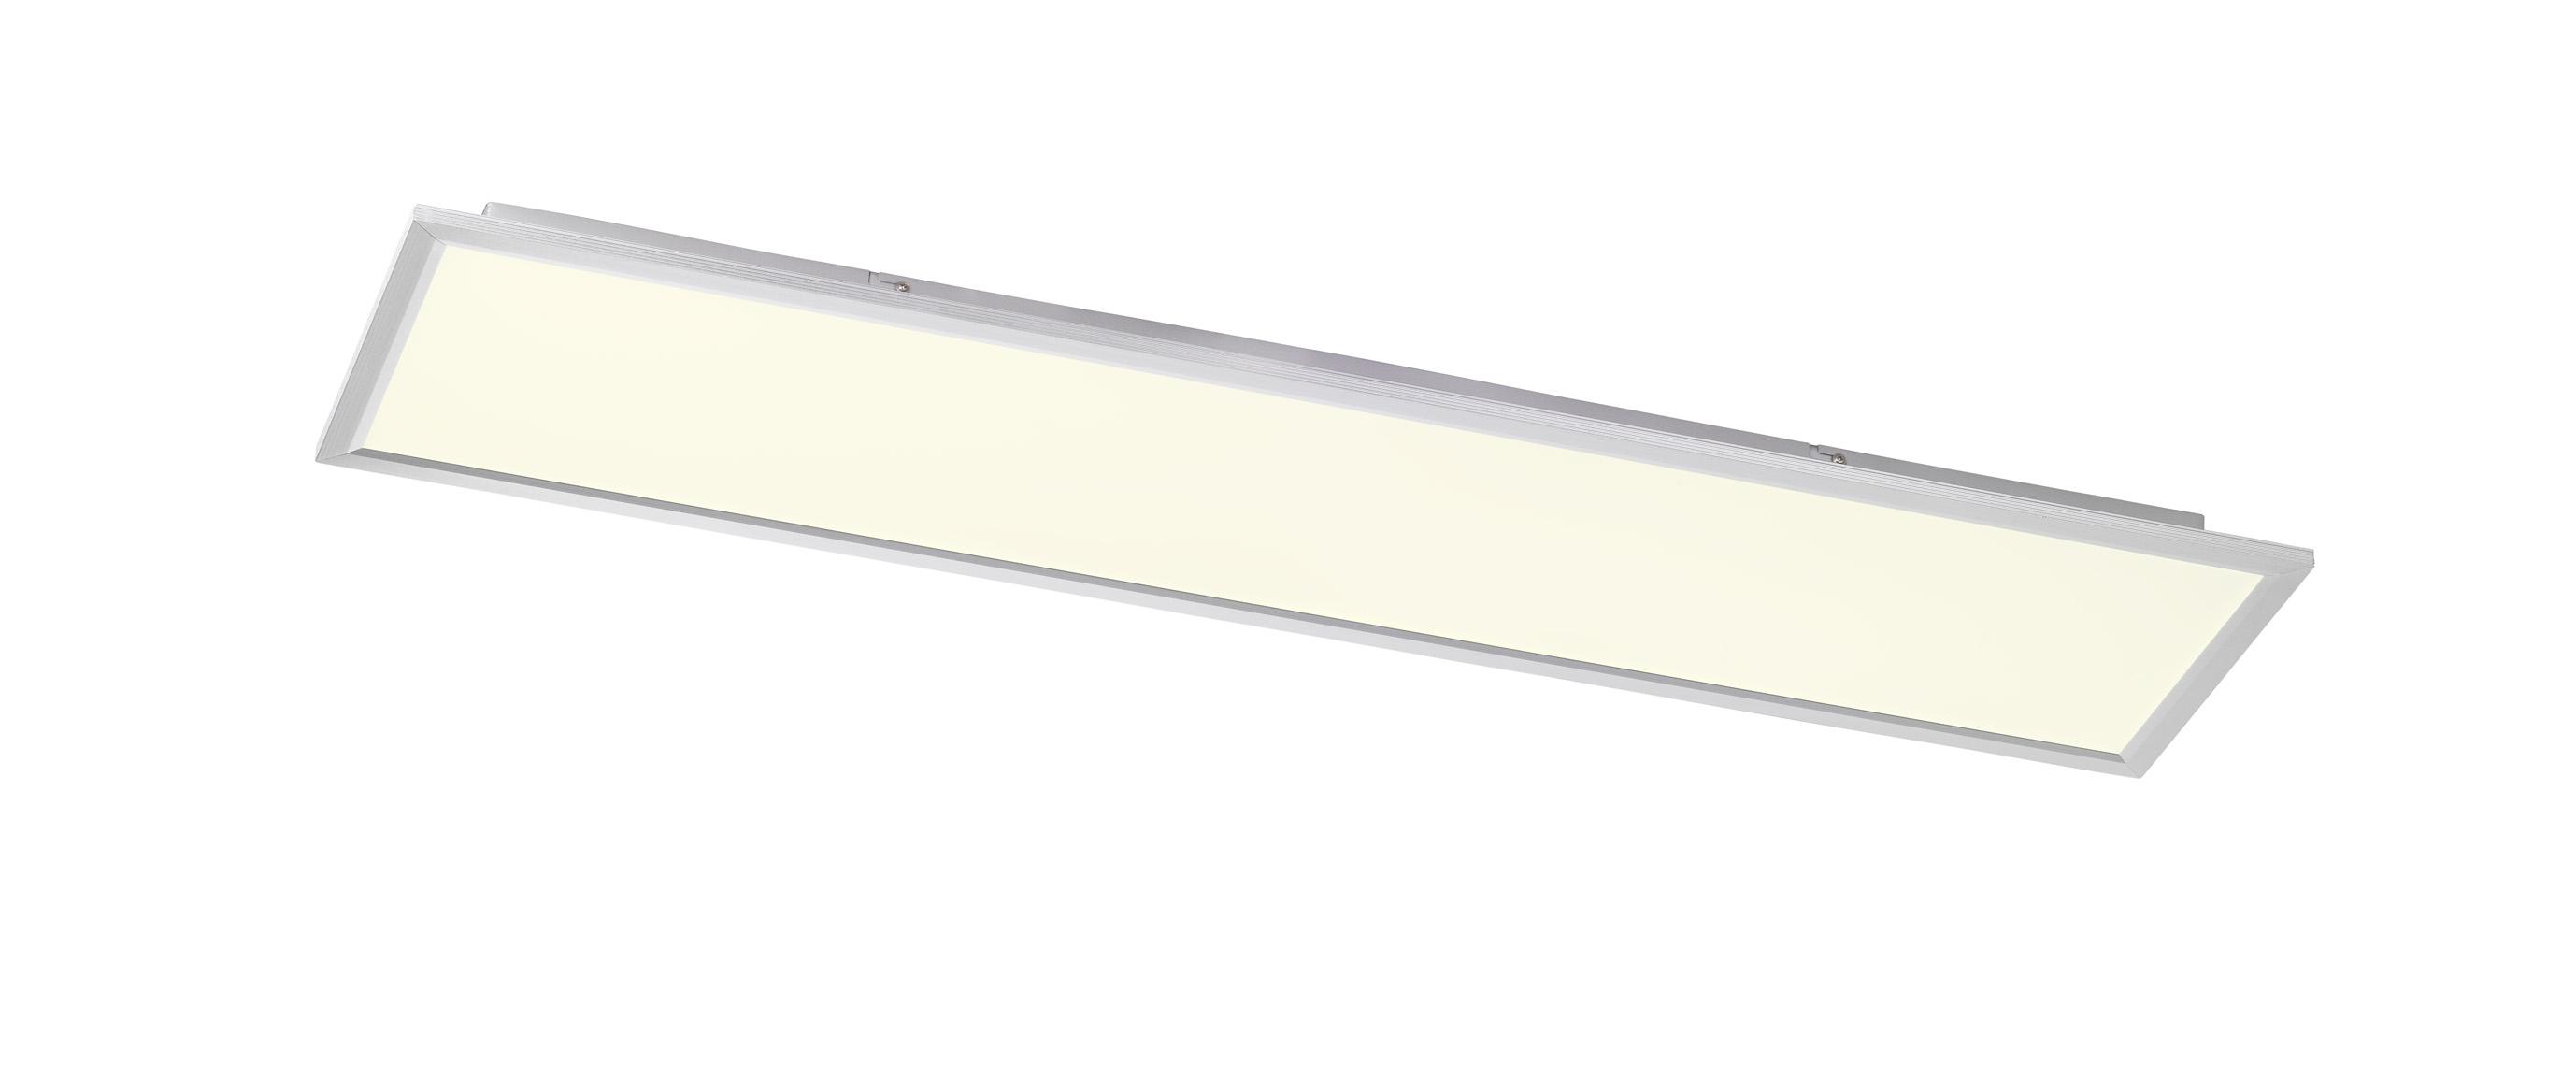 wofi deckenleuchte liv 1 flg silber 30x120 cm mit farbtemperaturwechsler. Black Bedroom Furniture Sets. Home Design Ideas